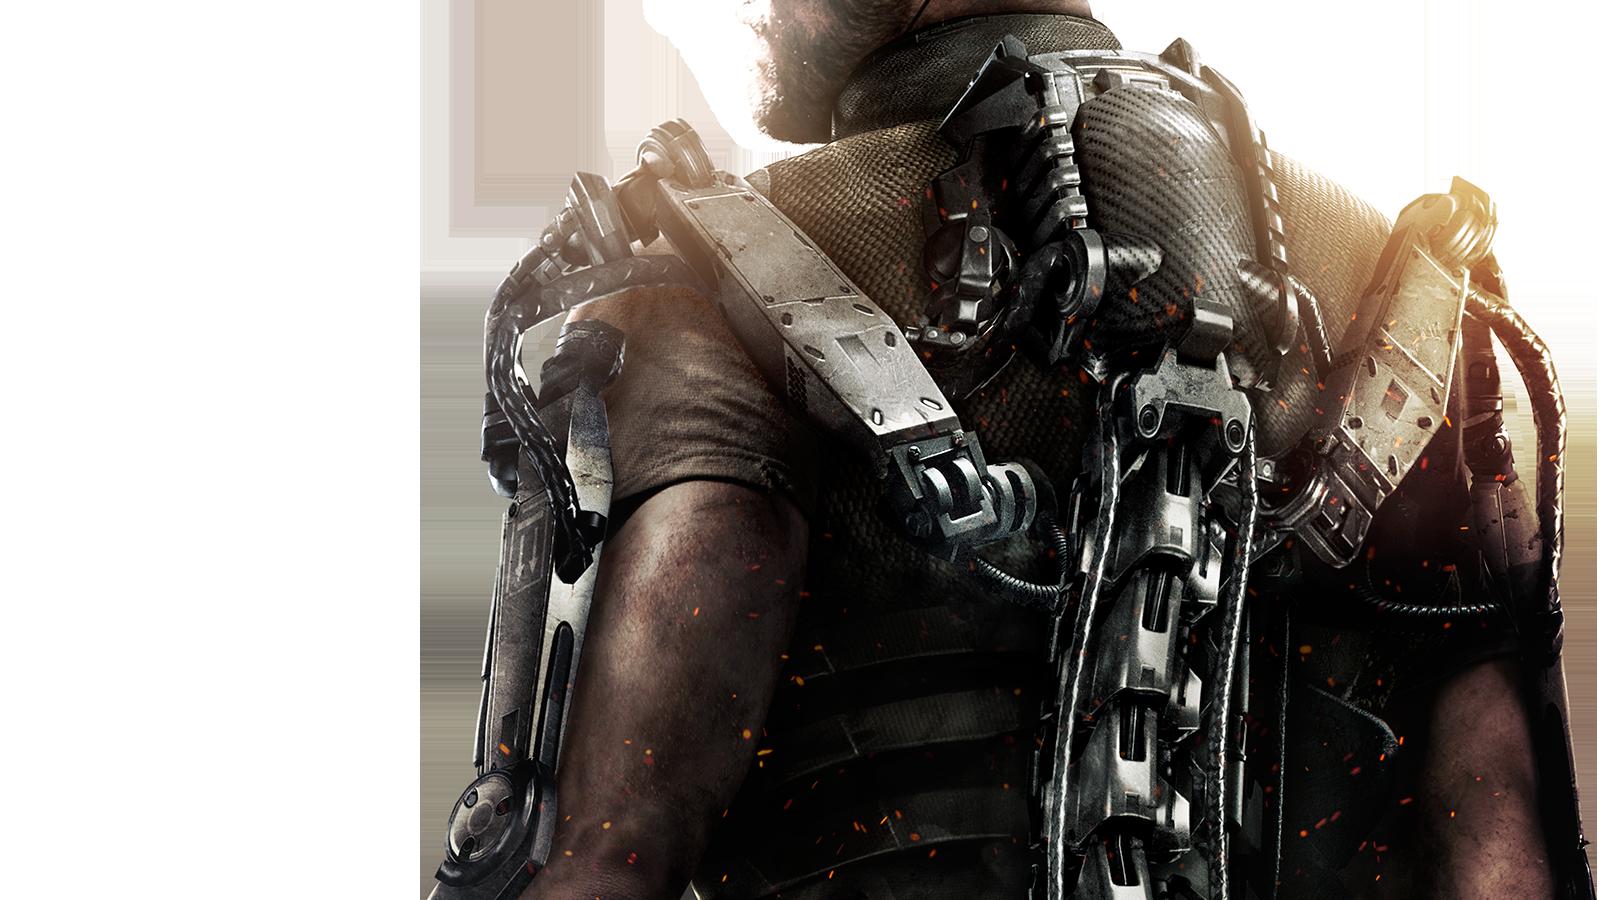 Hd wallpaper upload - Wallpaper Call Of Duty Advanced Warfare 03 Hd Wallpaper Upload At